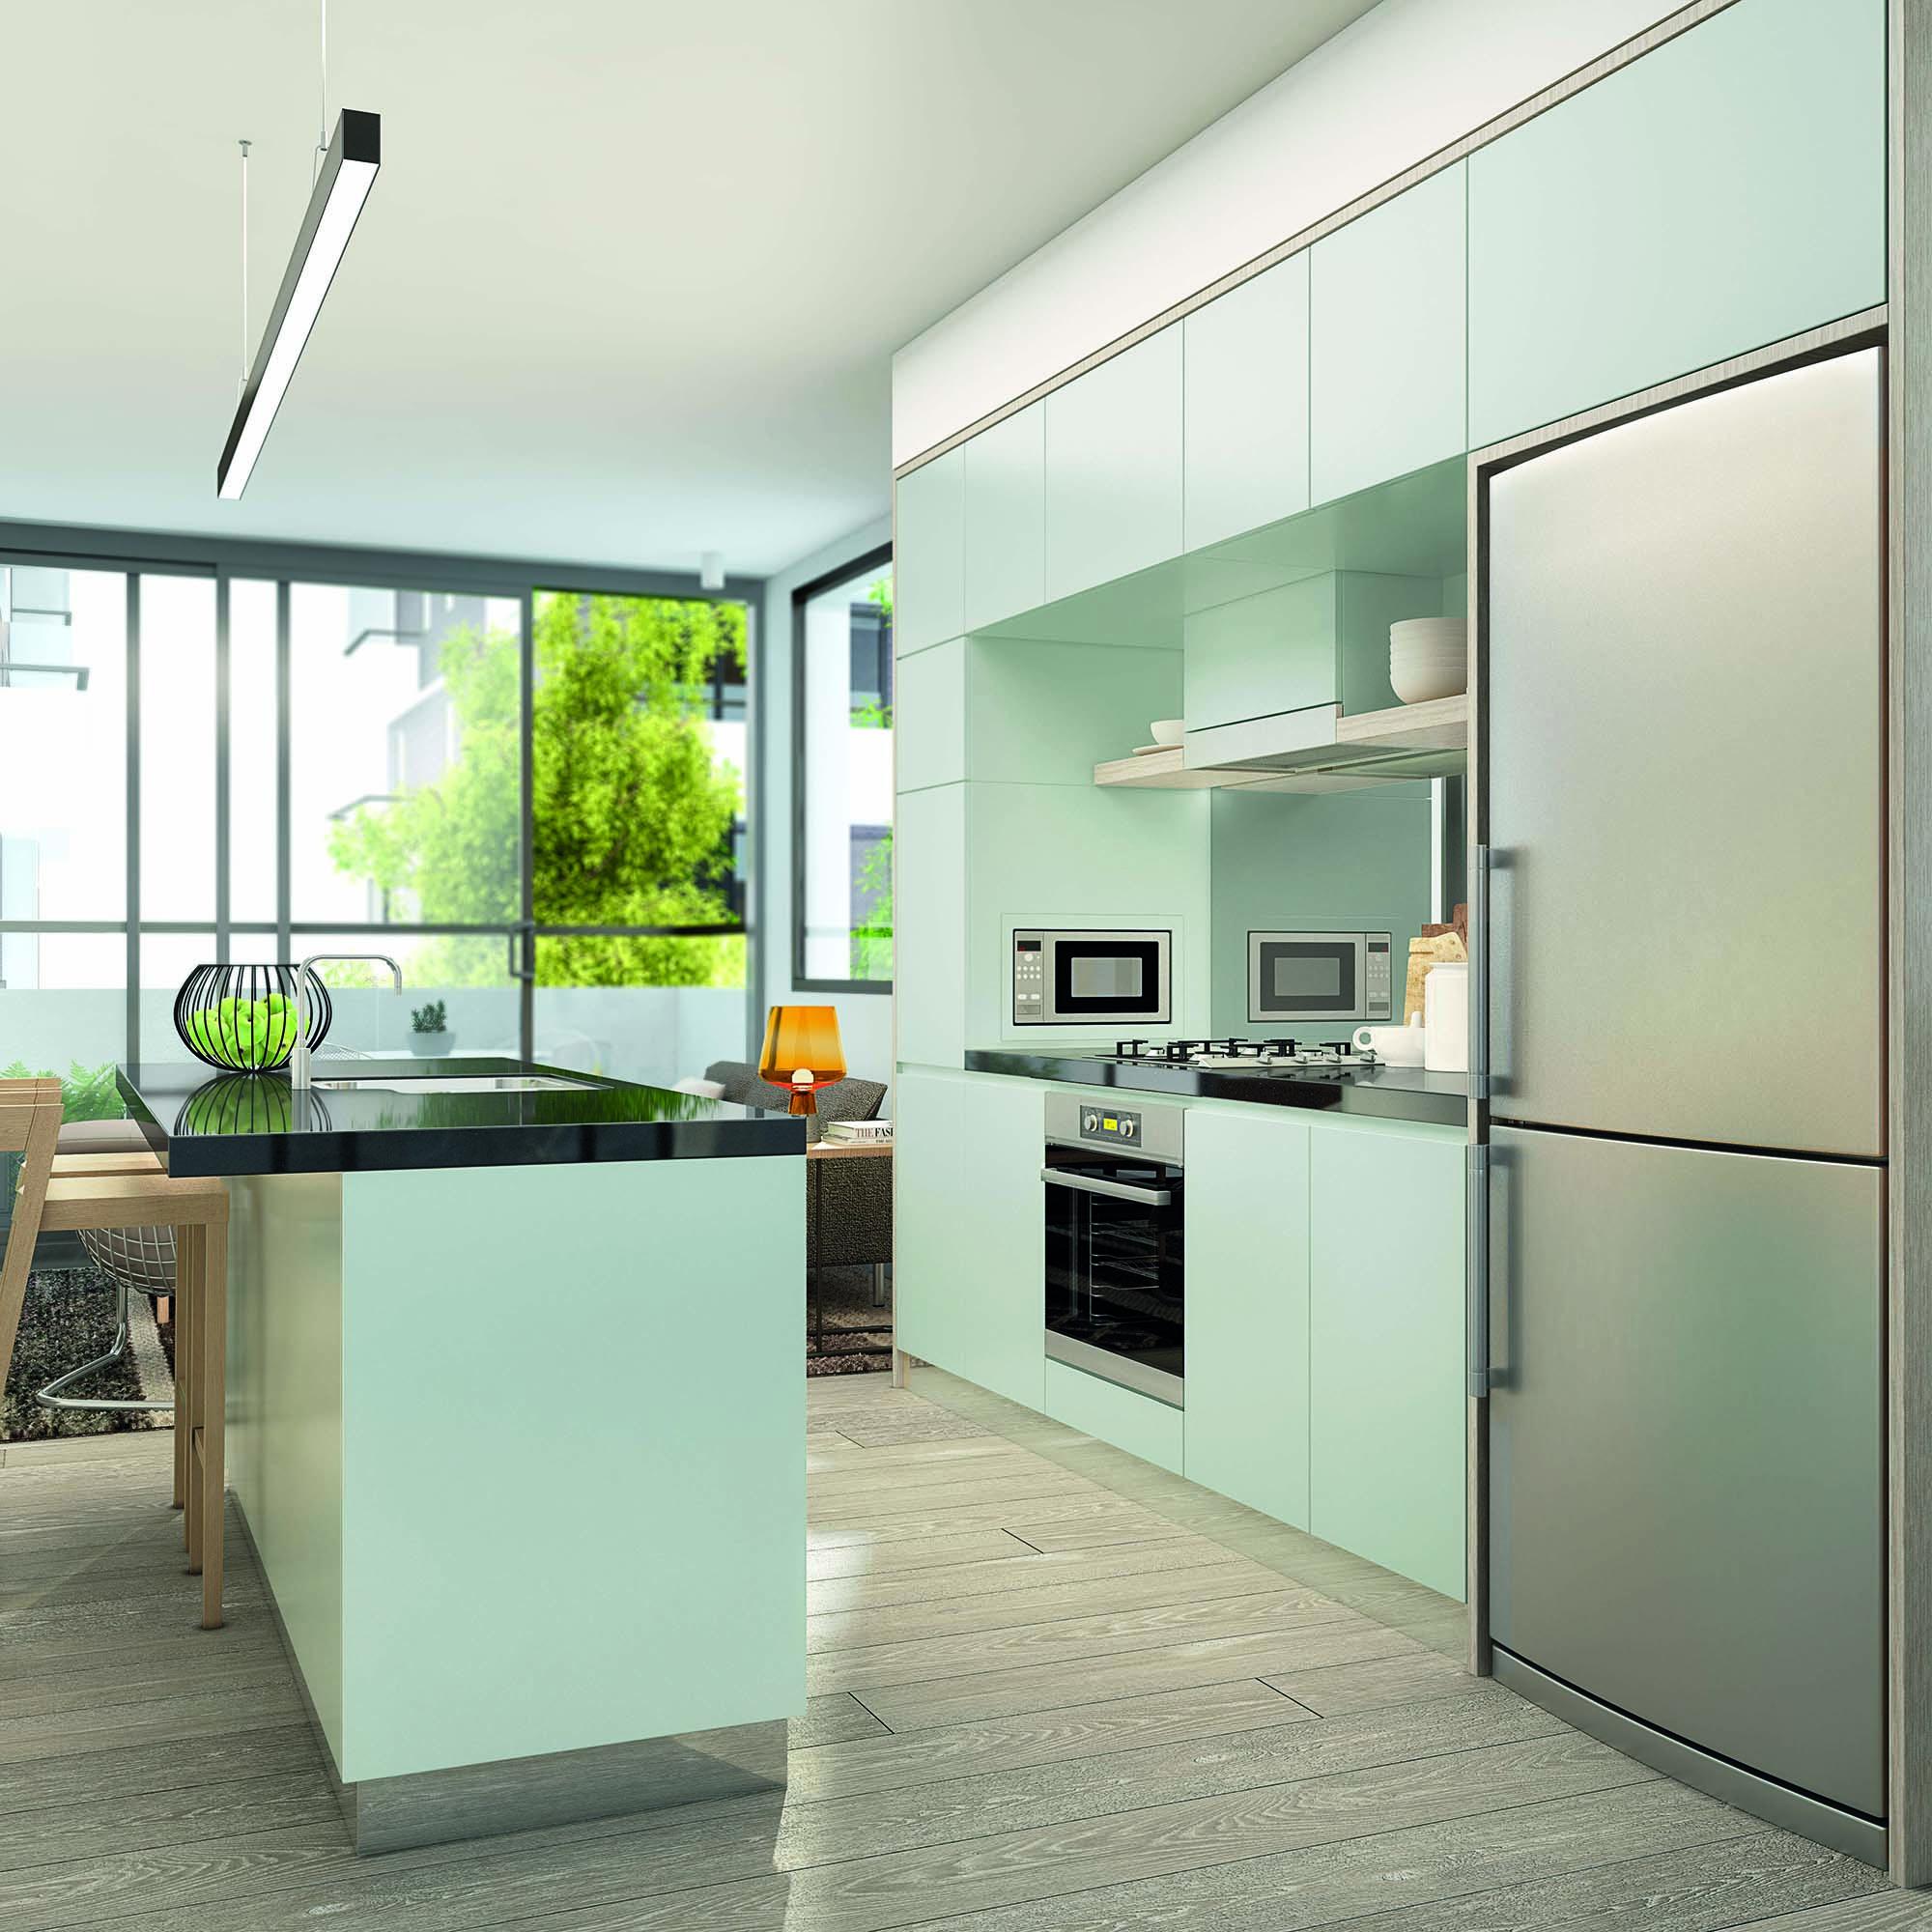 STHI8540_Thornton North Penrith_V11 Interior Render – Apt2W Kitchen – Scheme A_A3cmyk.jpg